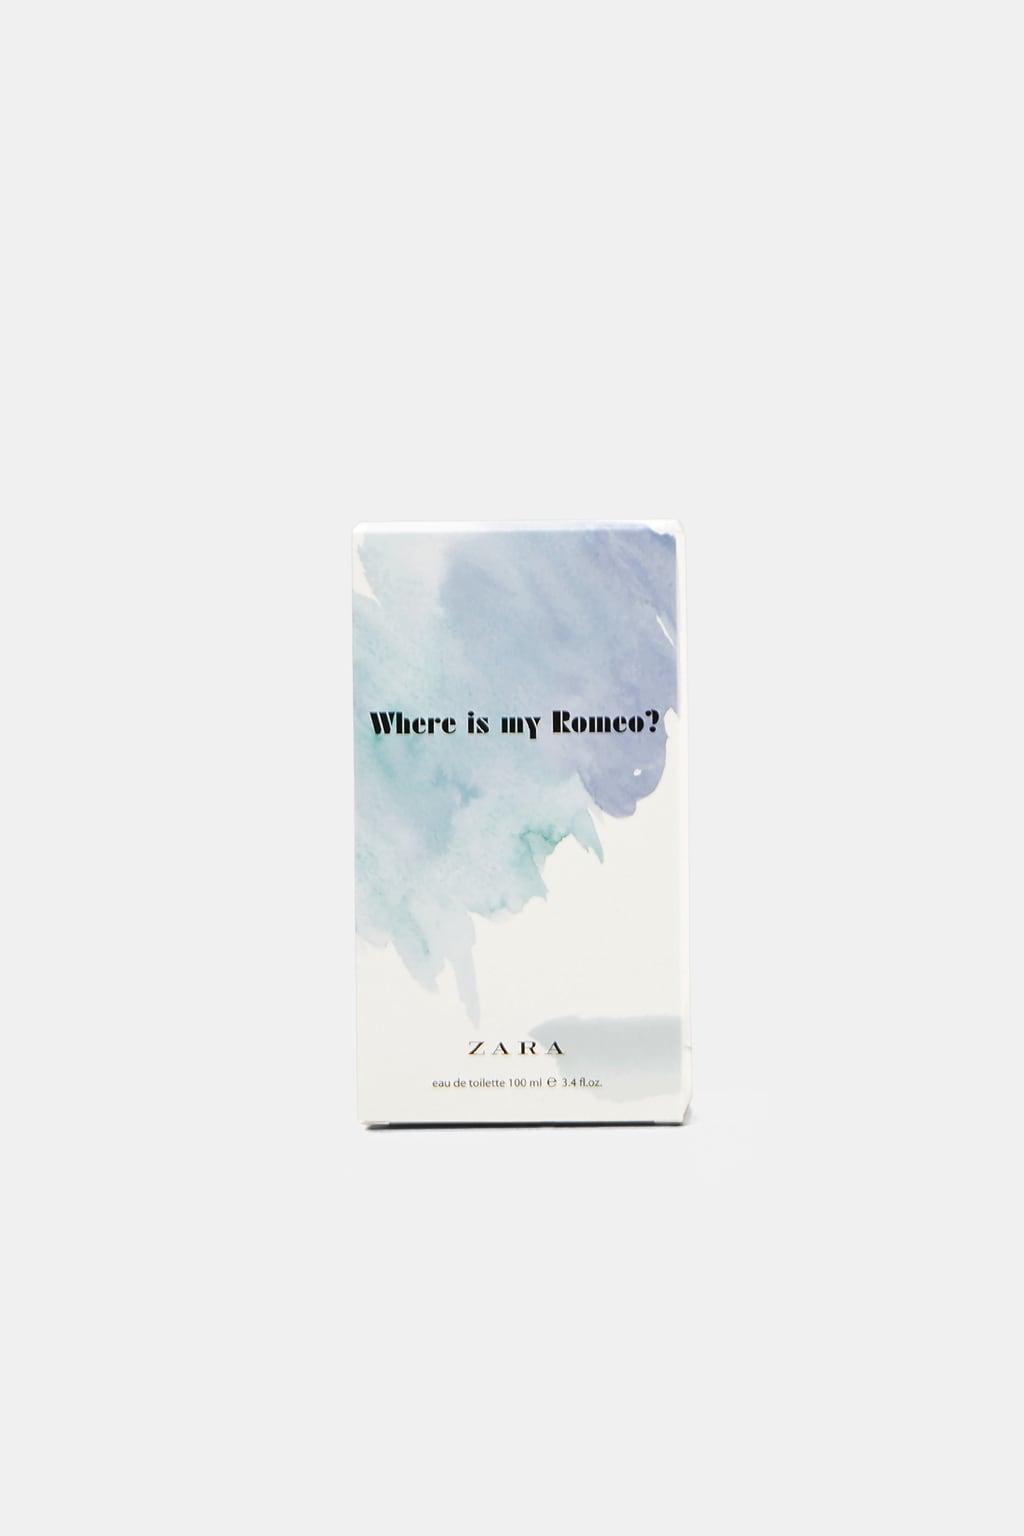 Nouveau Femme My Un 2018 Pour Where Zara Parfum Romeo Is yYbfg76